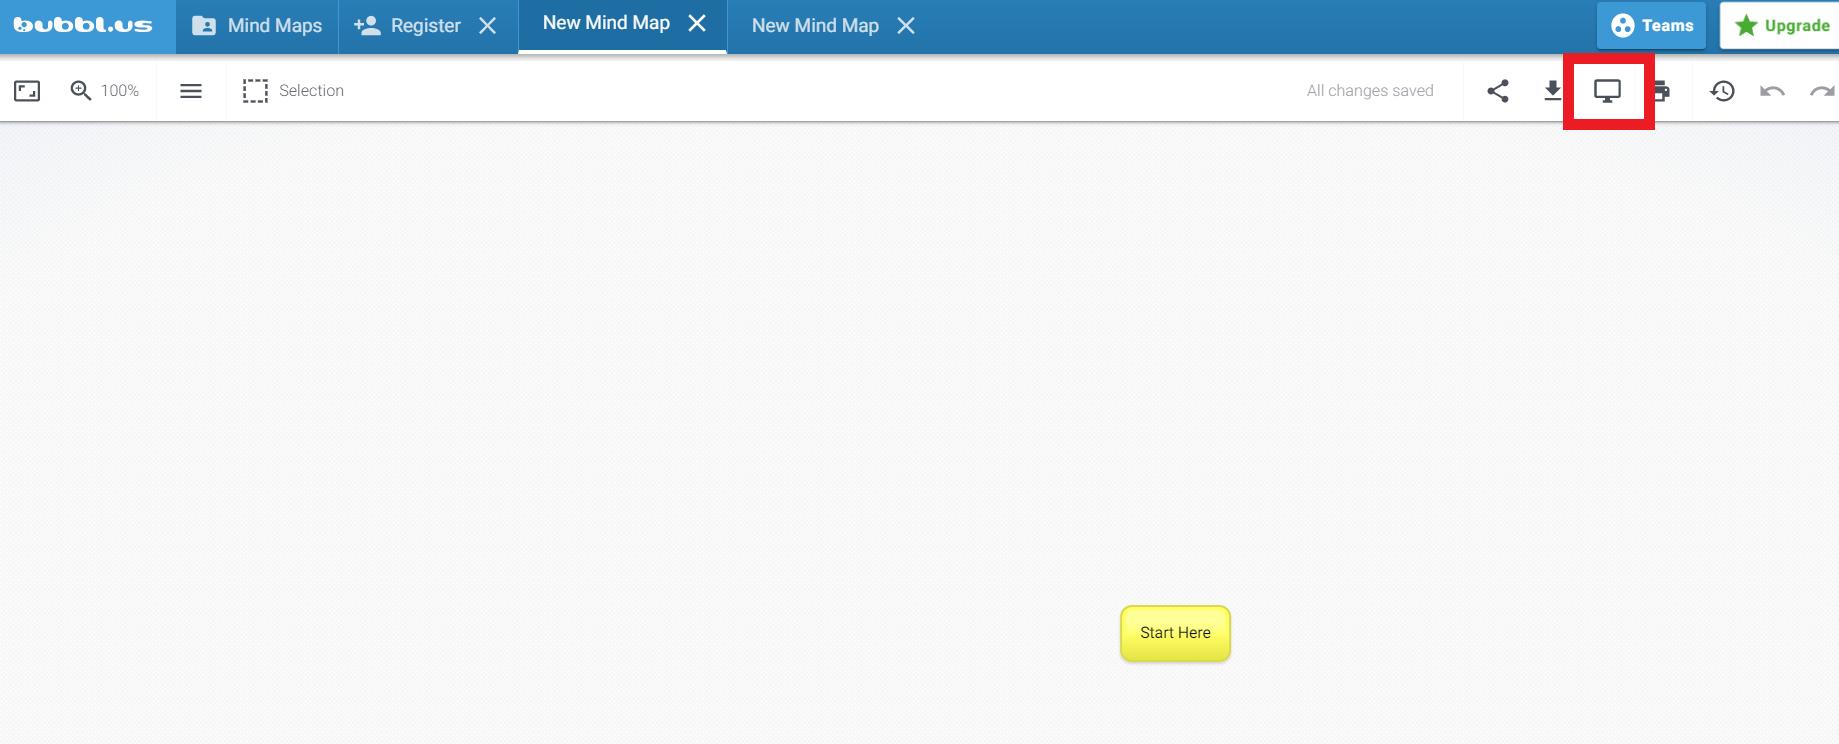 온라인 기반 마인드맵